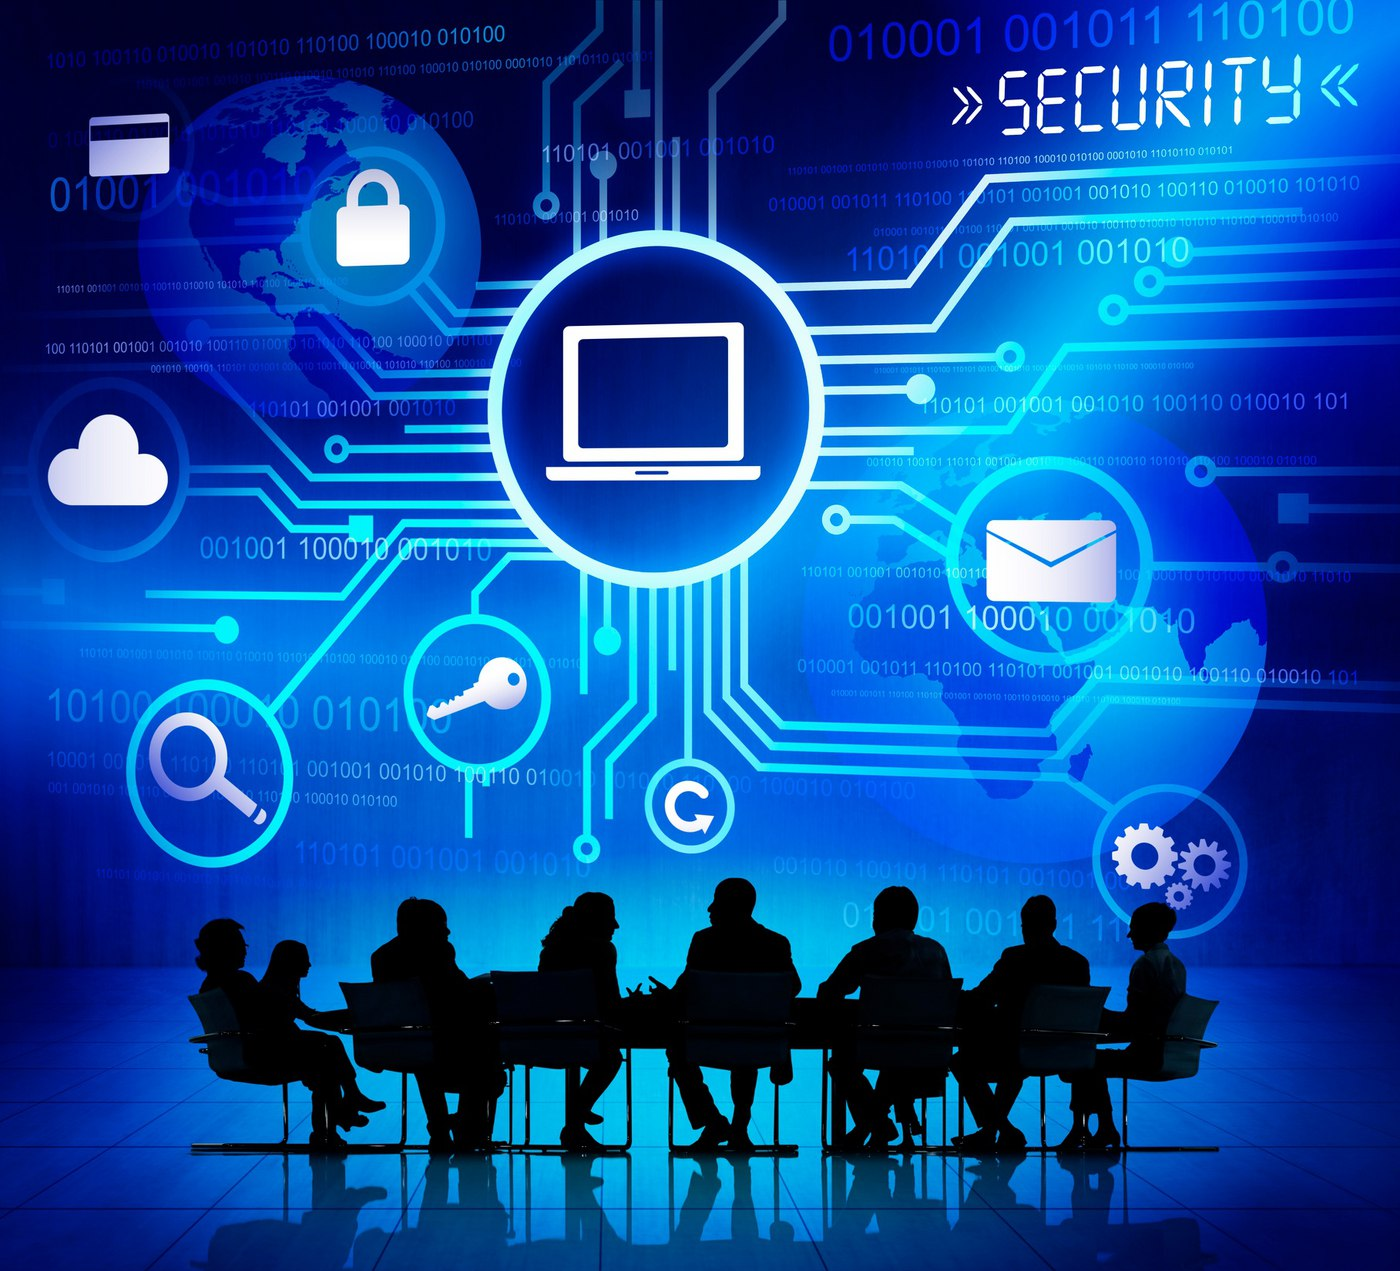 Trend Micro's Case as an Enterprise Security Vendor